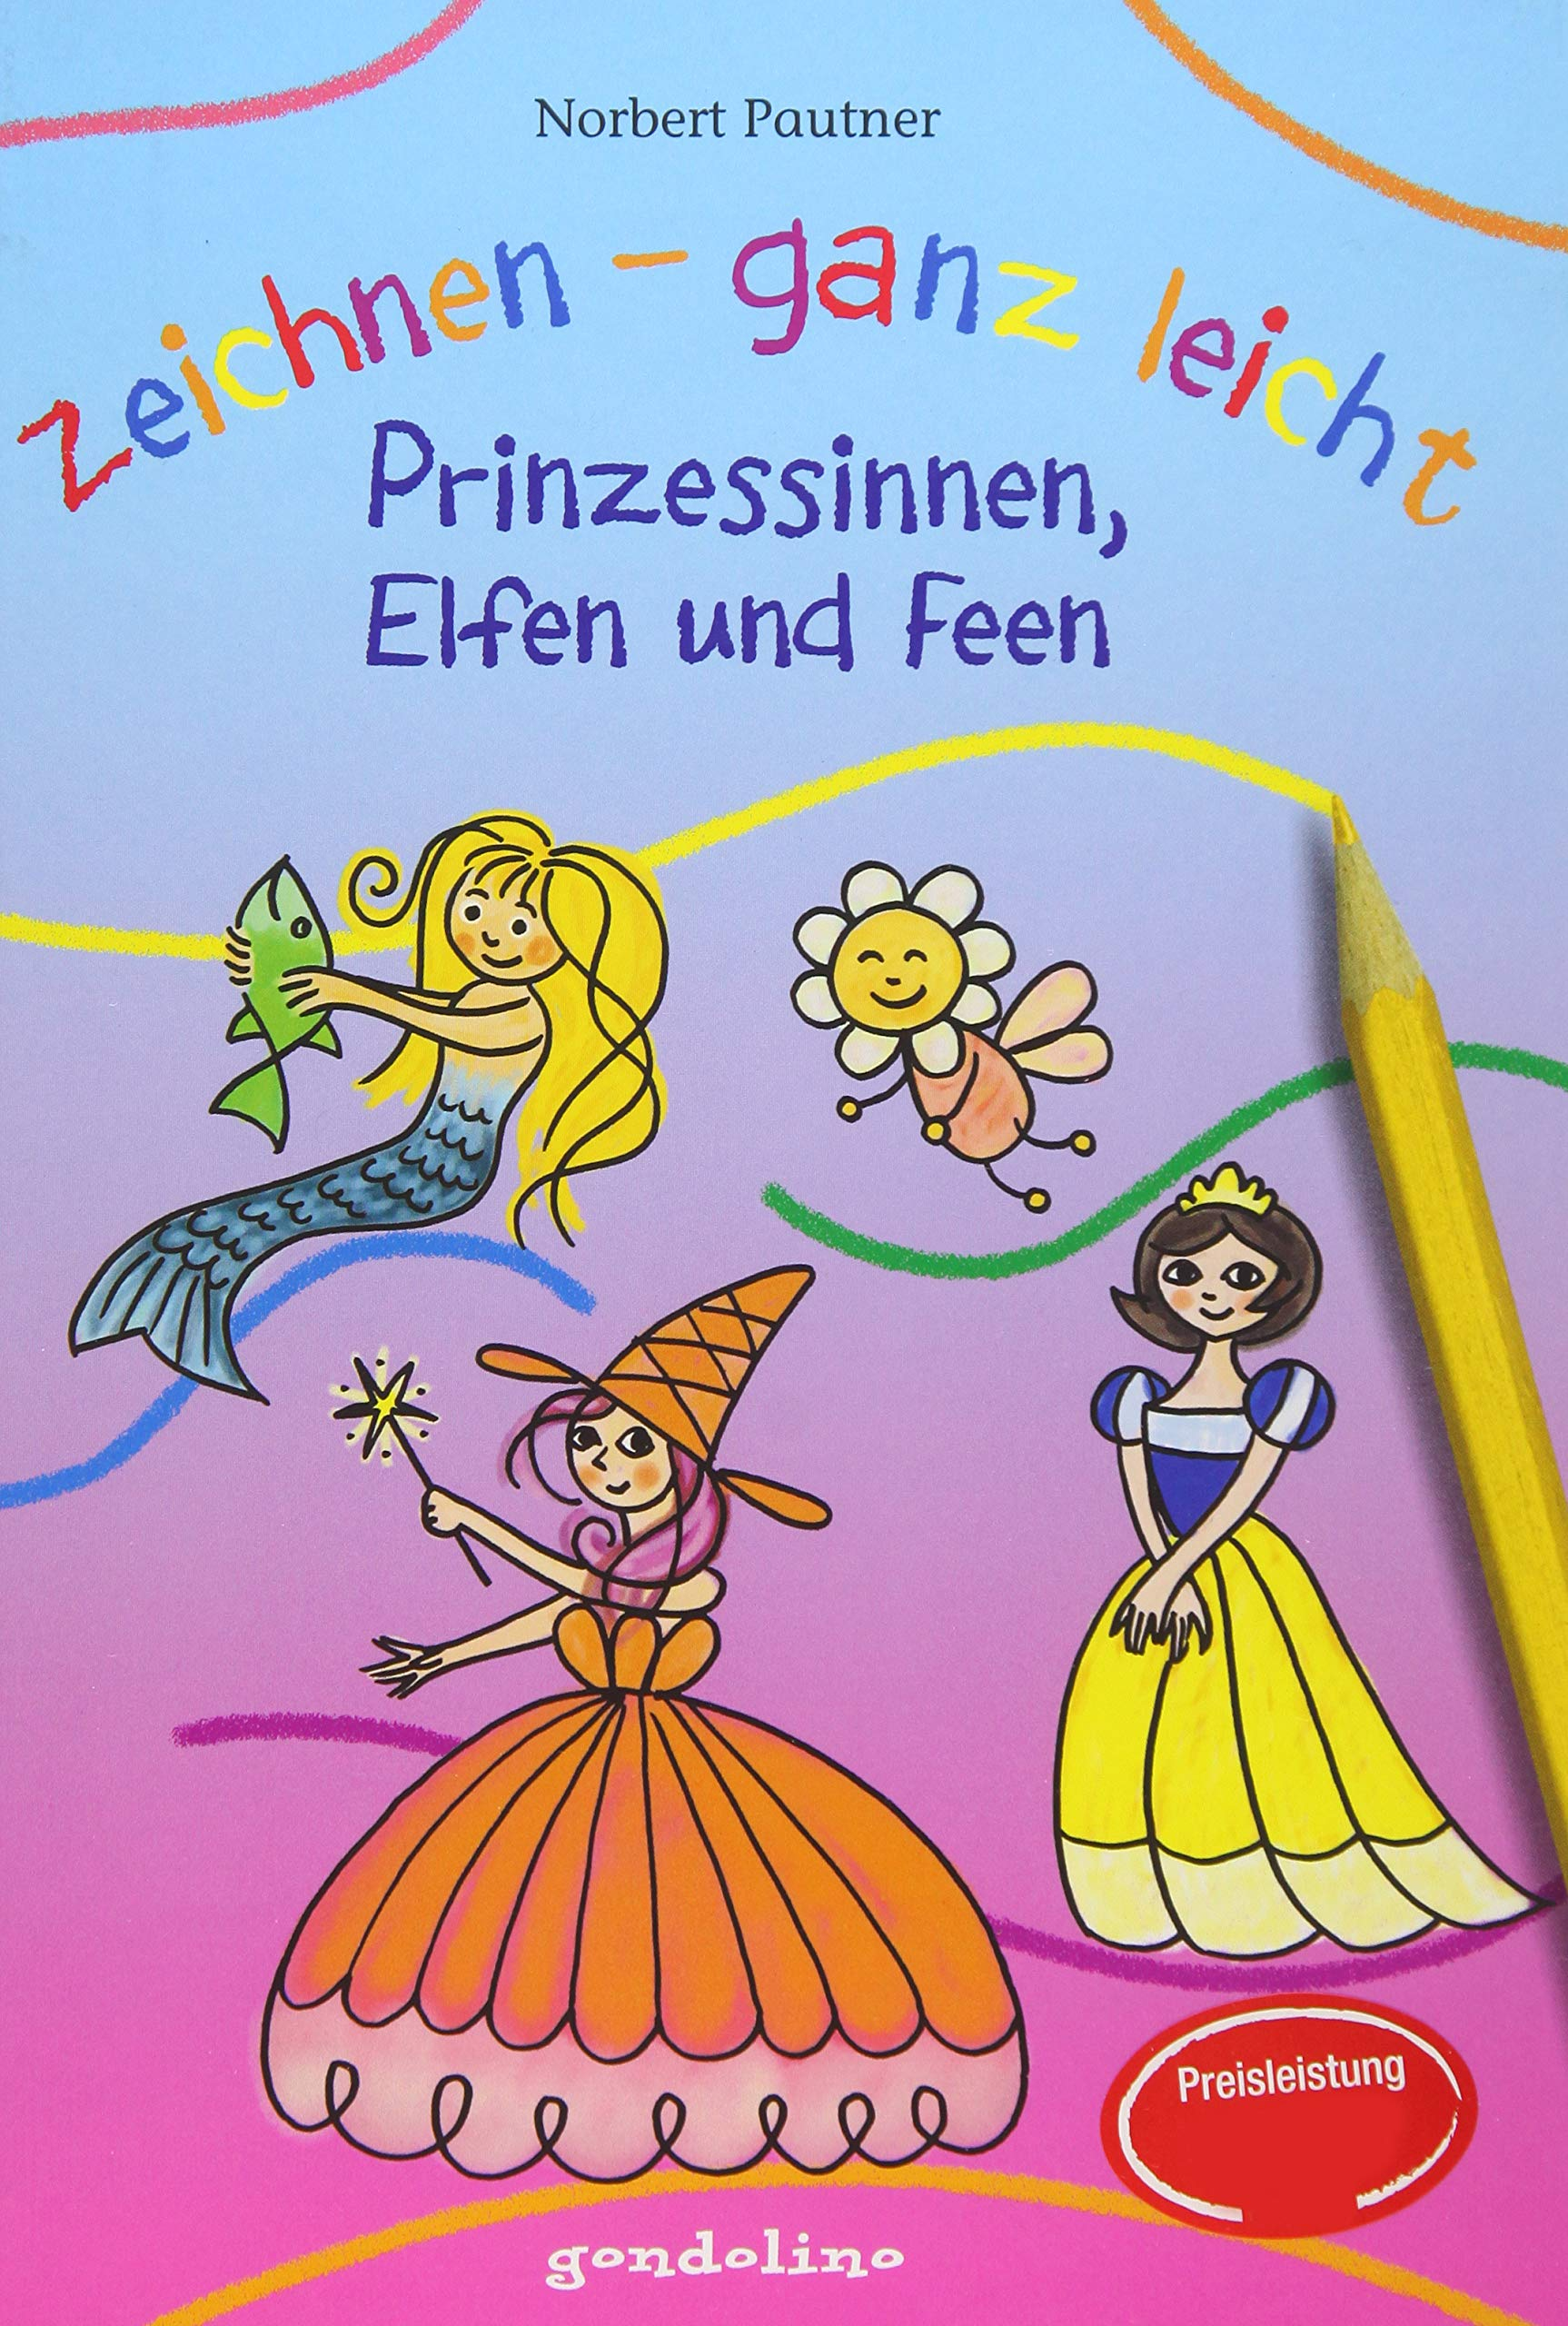 Zeichnen Ganz Leicht Prinzessinnen Elfen Und Feen Amazon De